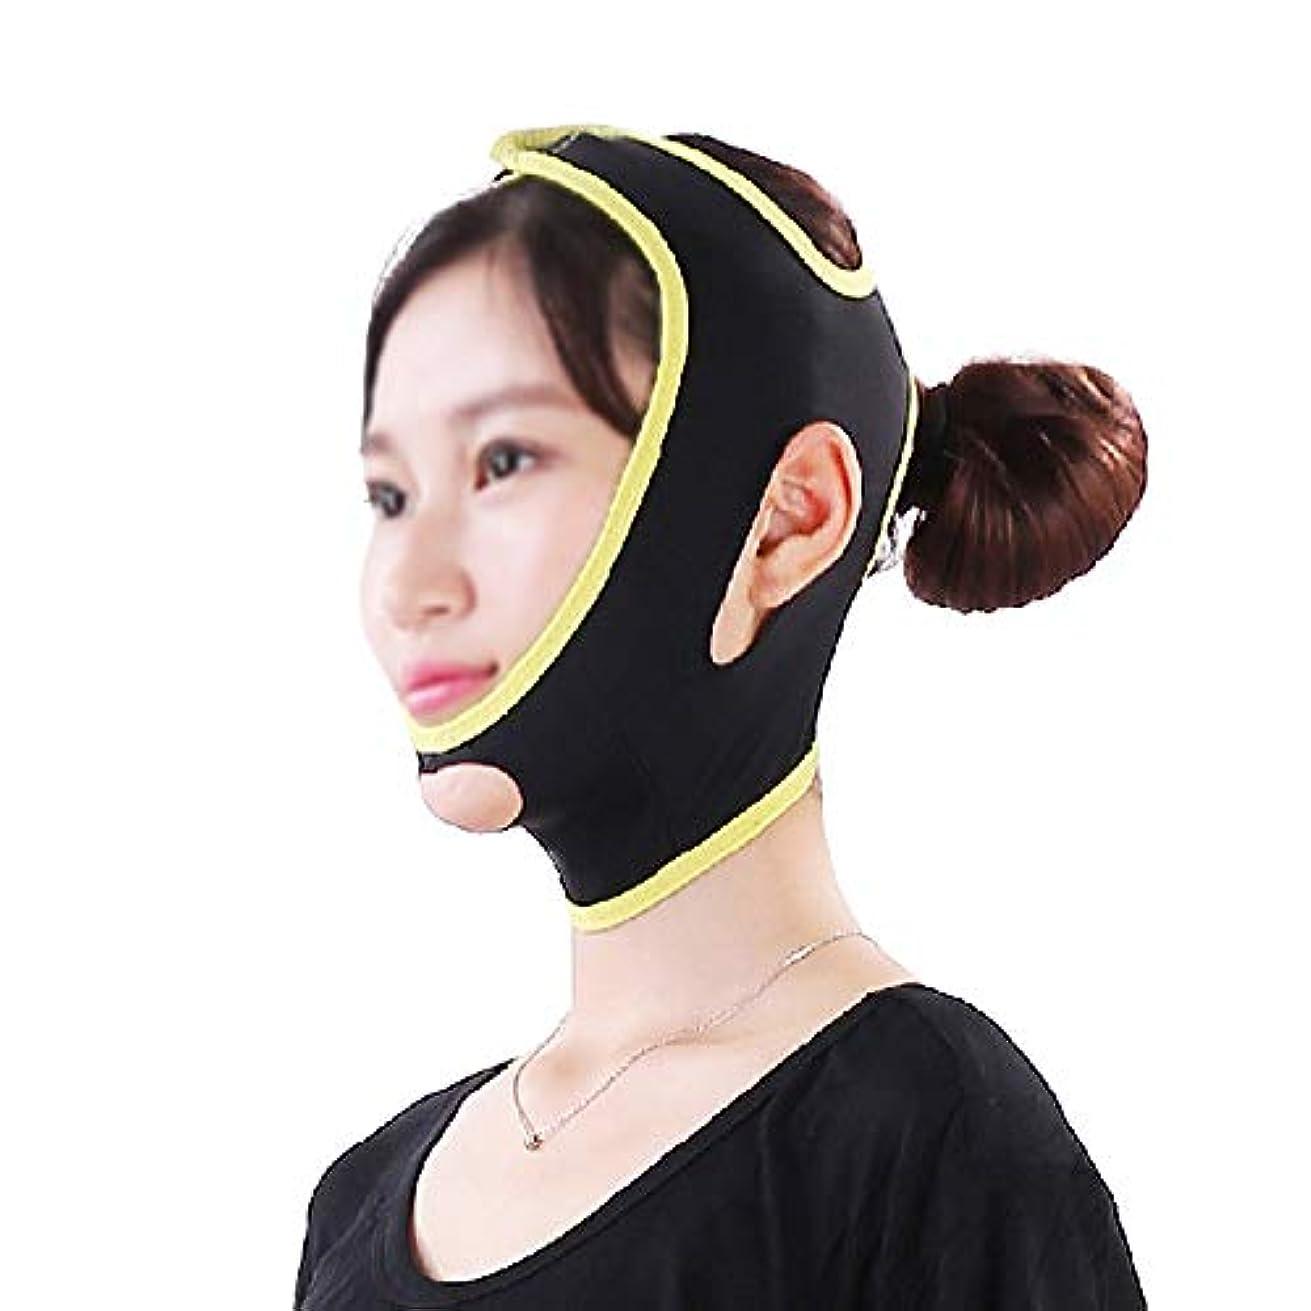 乳剤相手くしゃくしゃGLJJQMY 顔と首のリフトVマスクは顔面の輪郭を強調し、咬筋の引き締まったあごの超弾性包帯を緩和します 顔用整形マスク (Size : L)